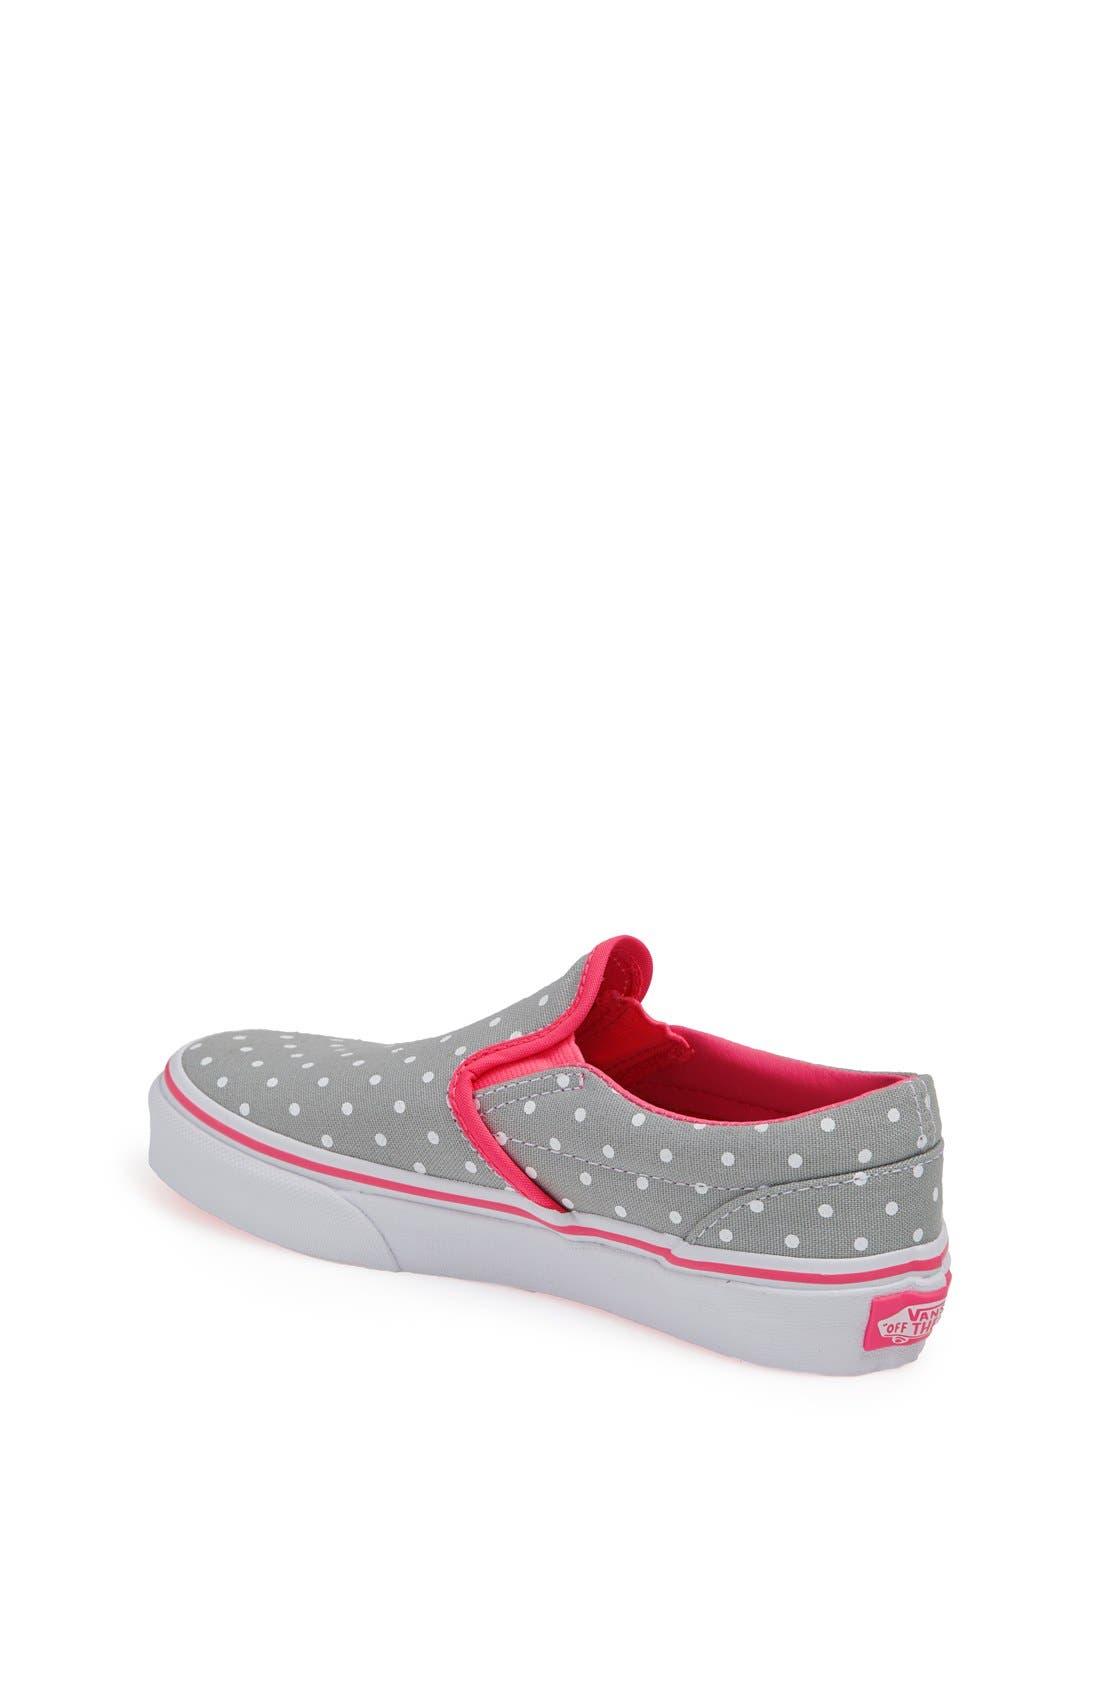 Alternate Image 2  - Vans Slip-On Sneaker (Toddler, Little Kid & Big Kid)